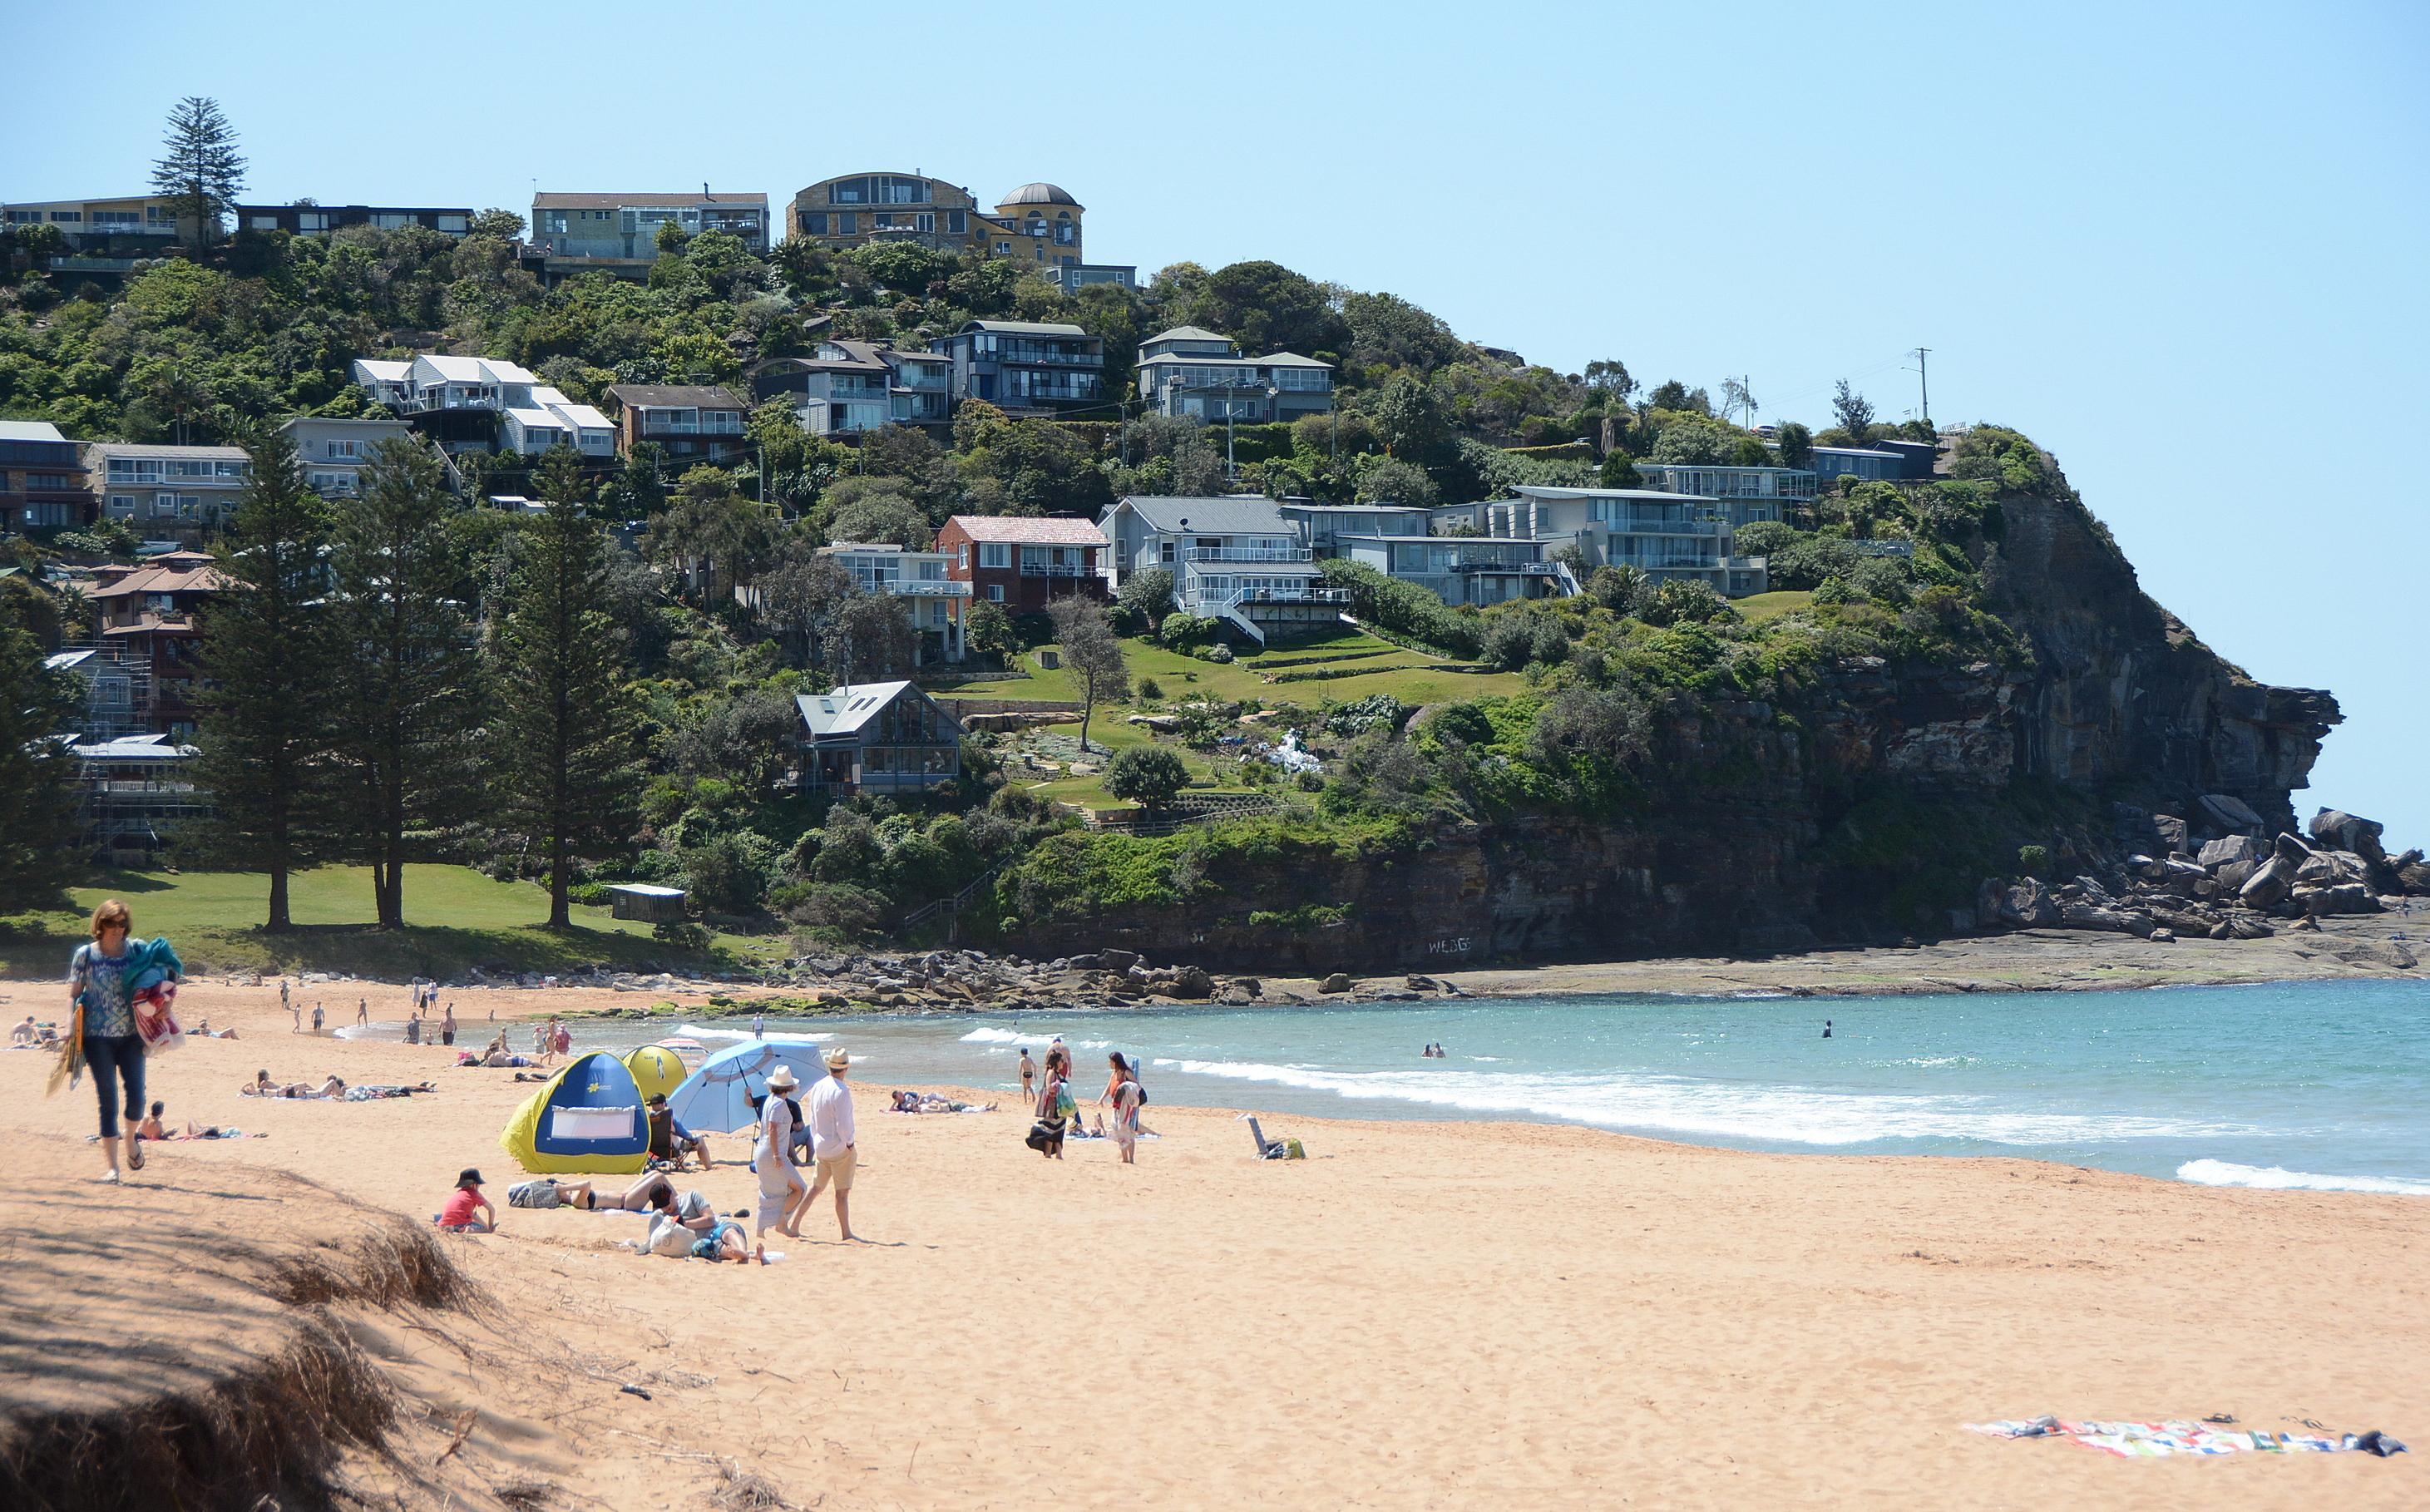 Whale beach nsw